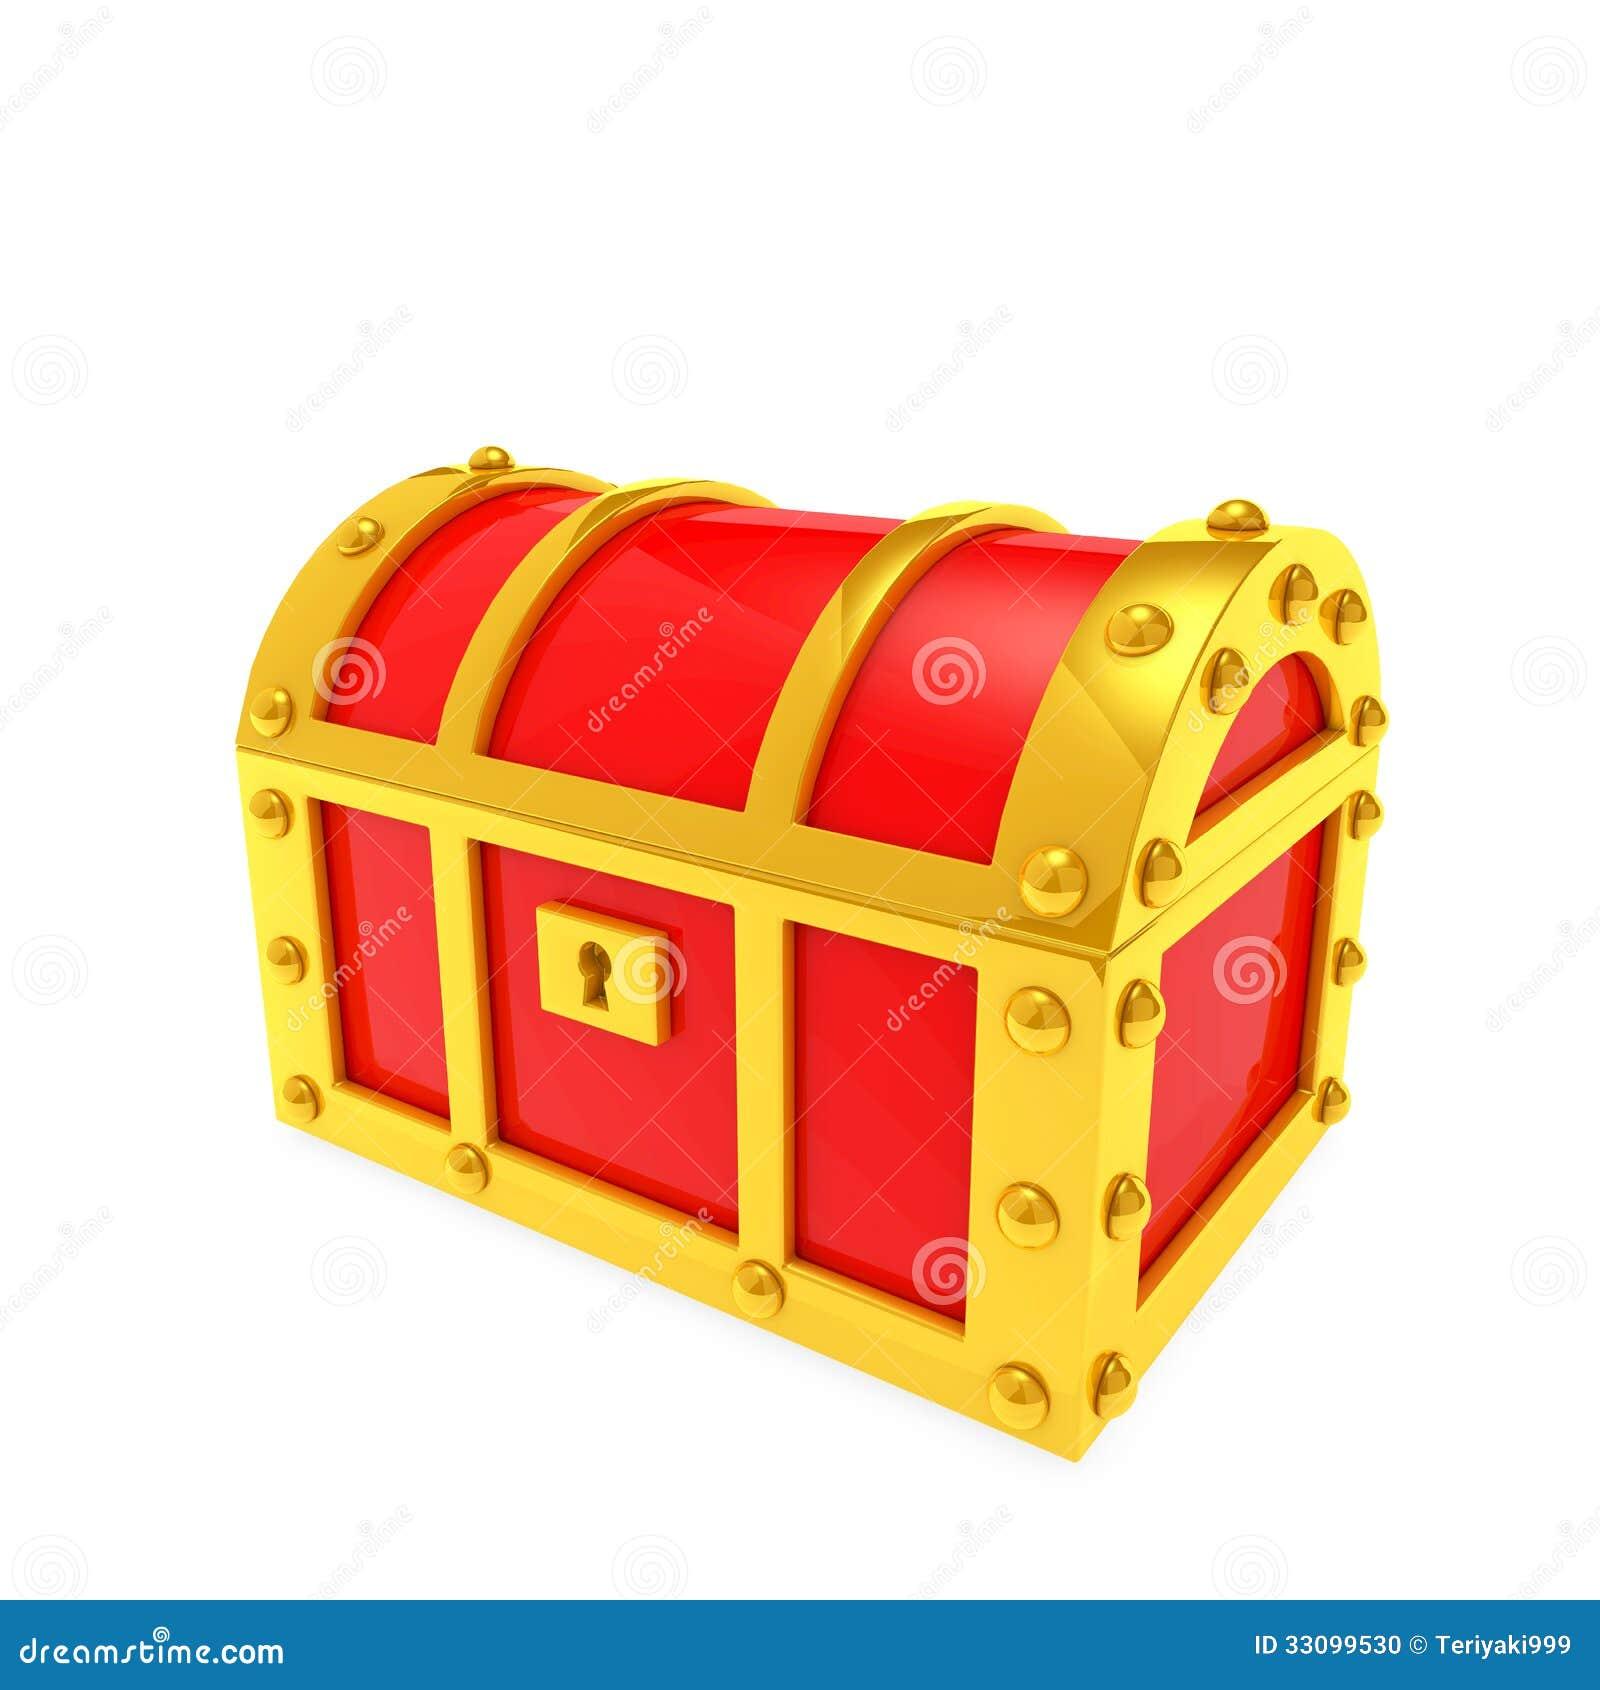 treasure chest clip art